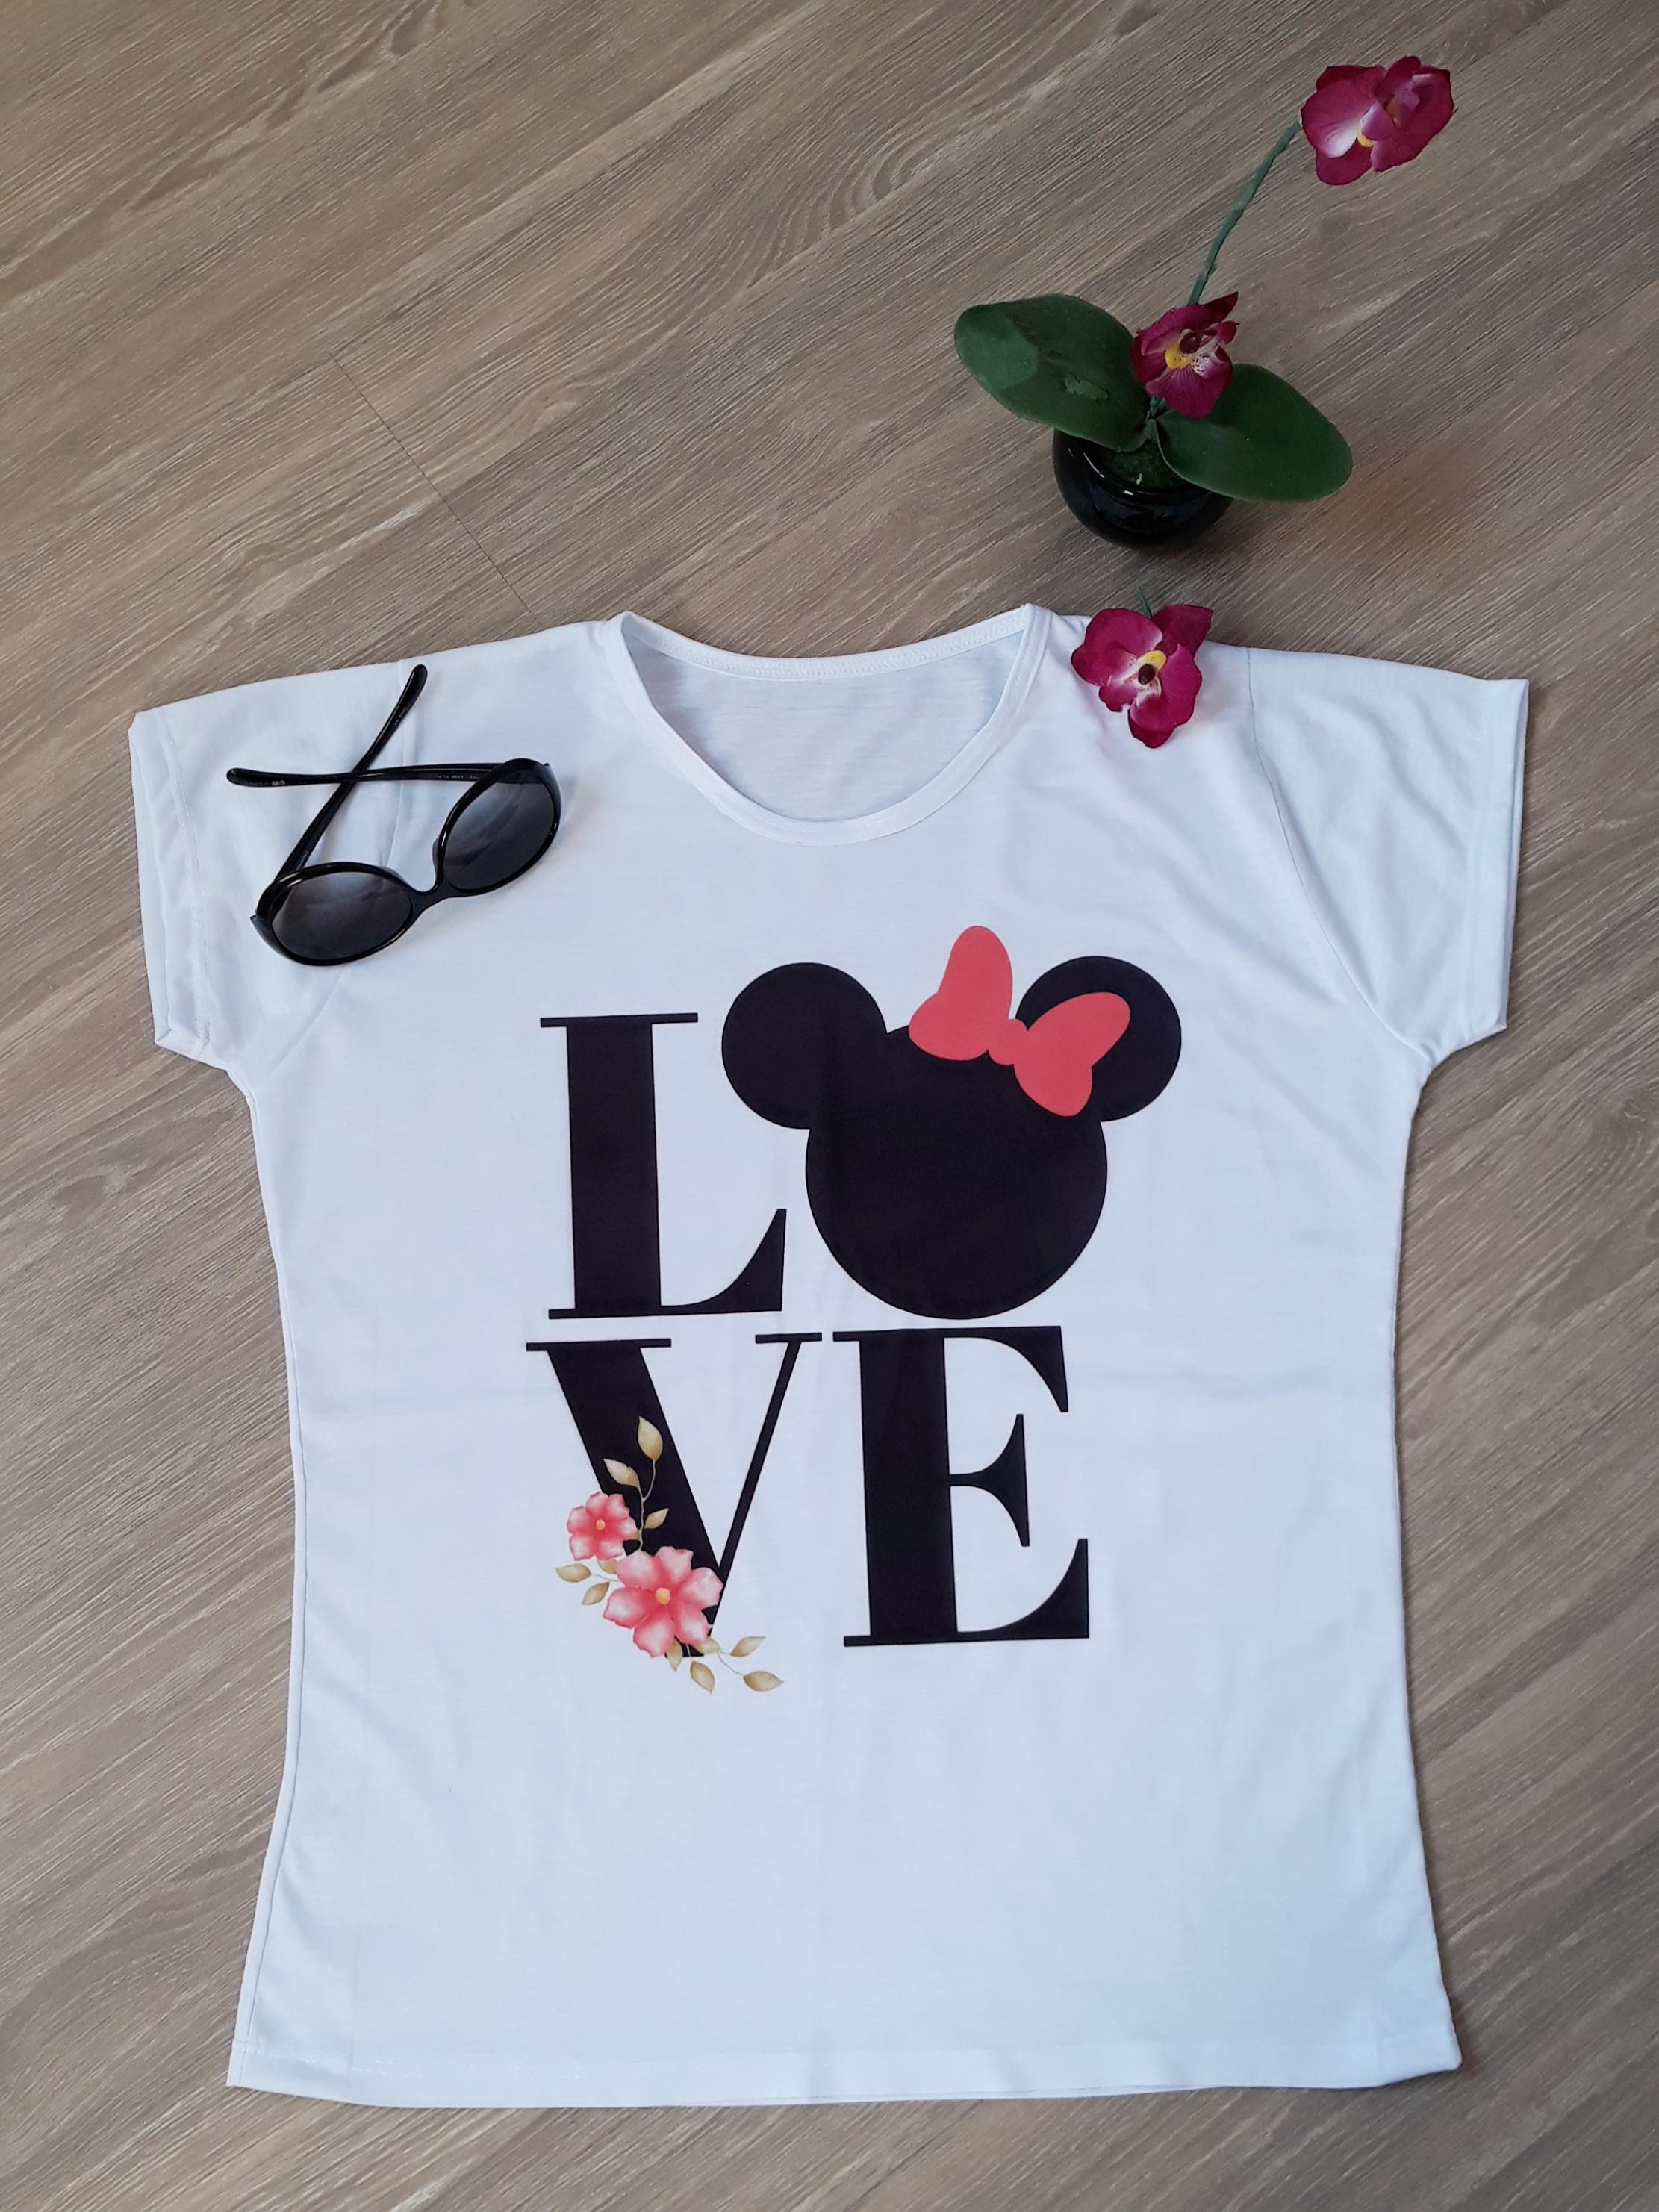 8c9a8edc51 T Shirt Paris Tamanho M